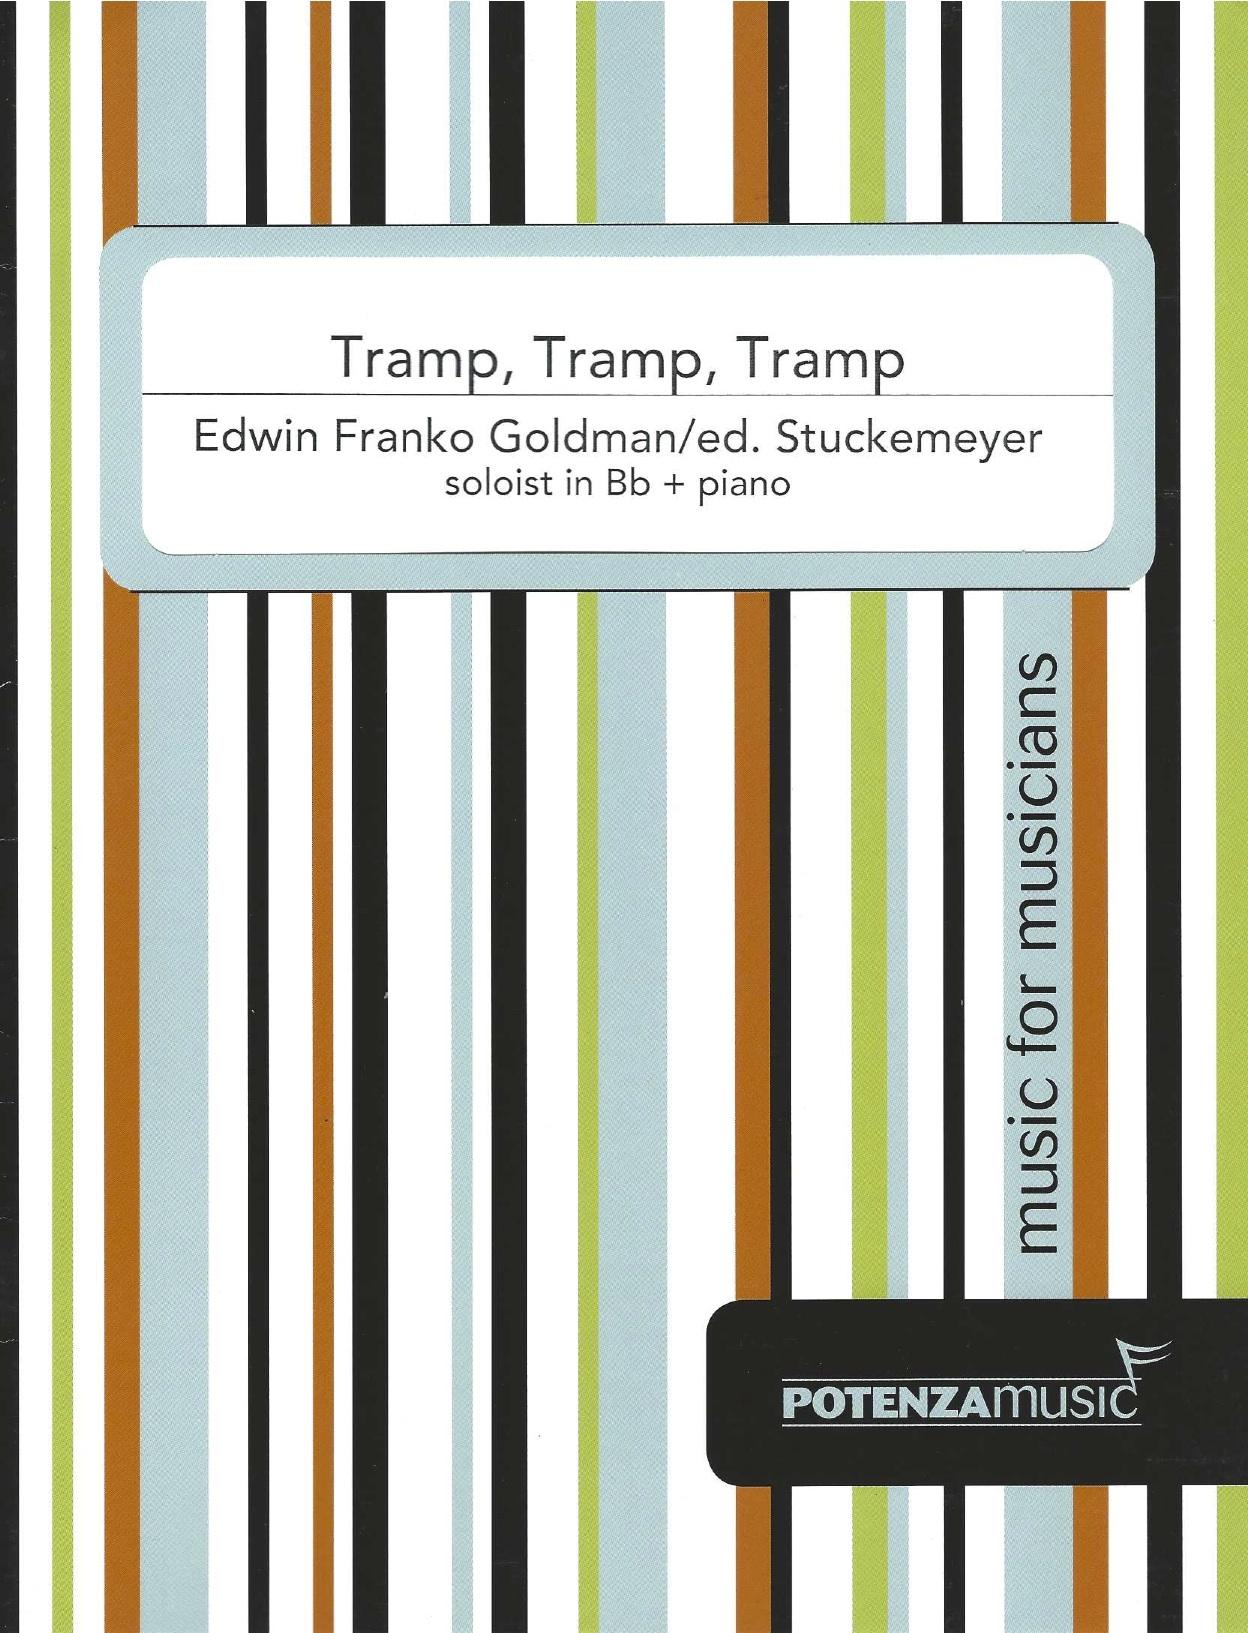 Tramp, Tramp, Tramp - Edwin Franko Goldman Ed. P.Stuckemeyer - Euphonium and Piano